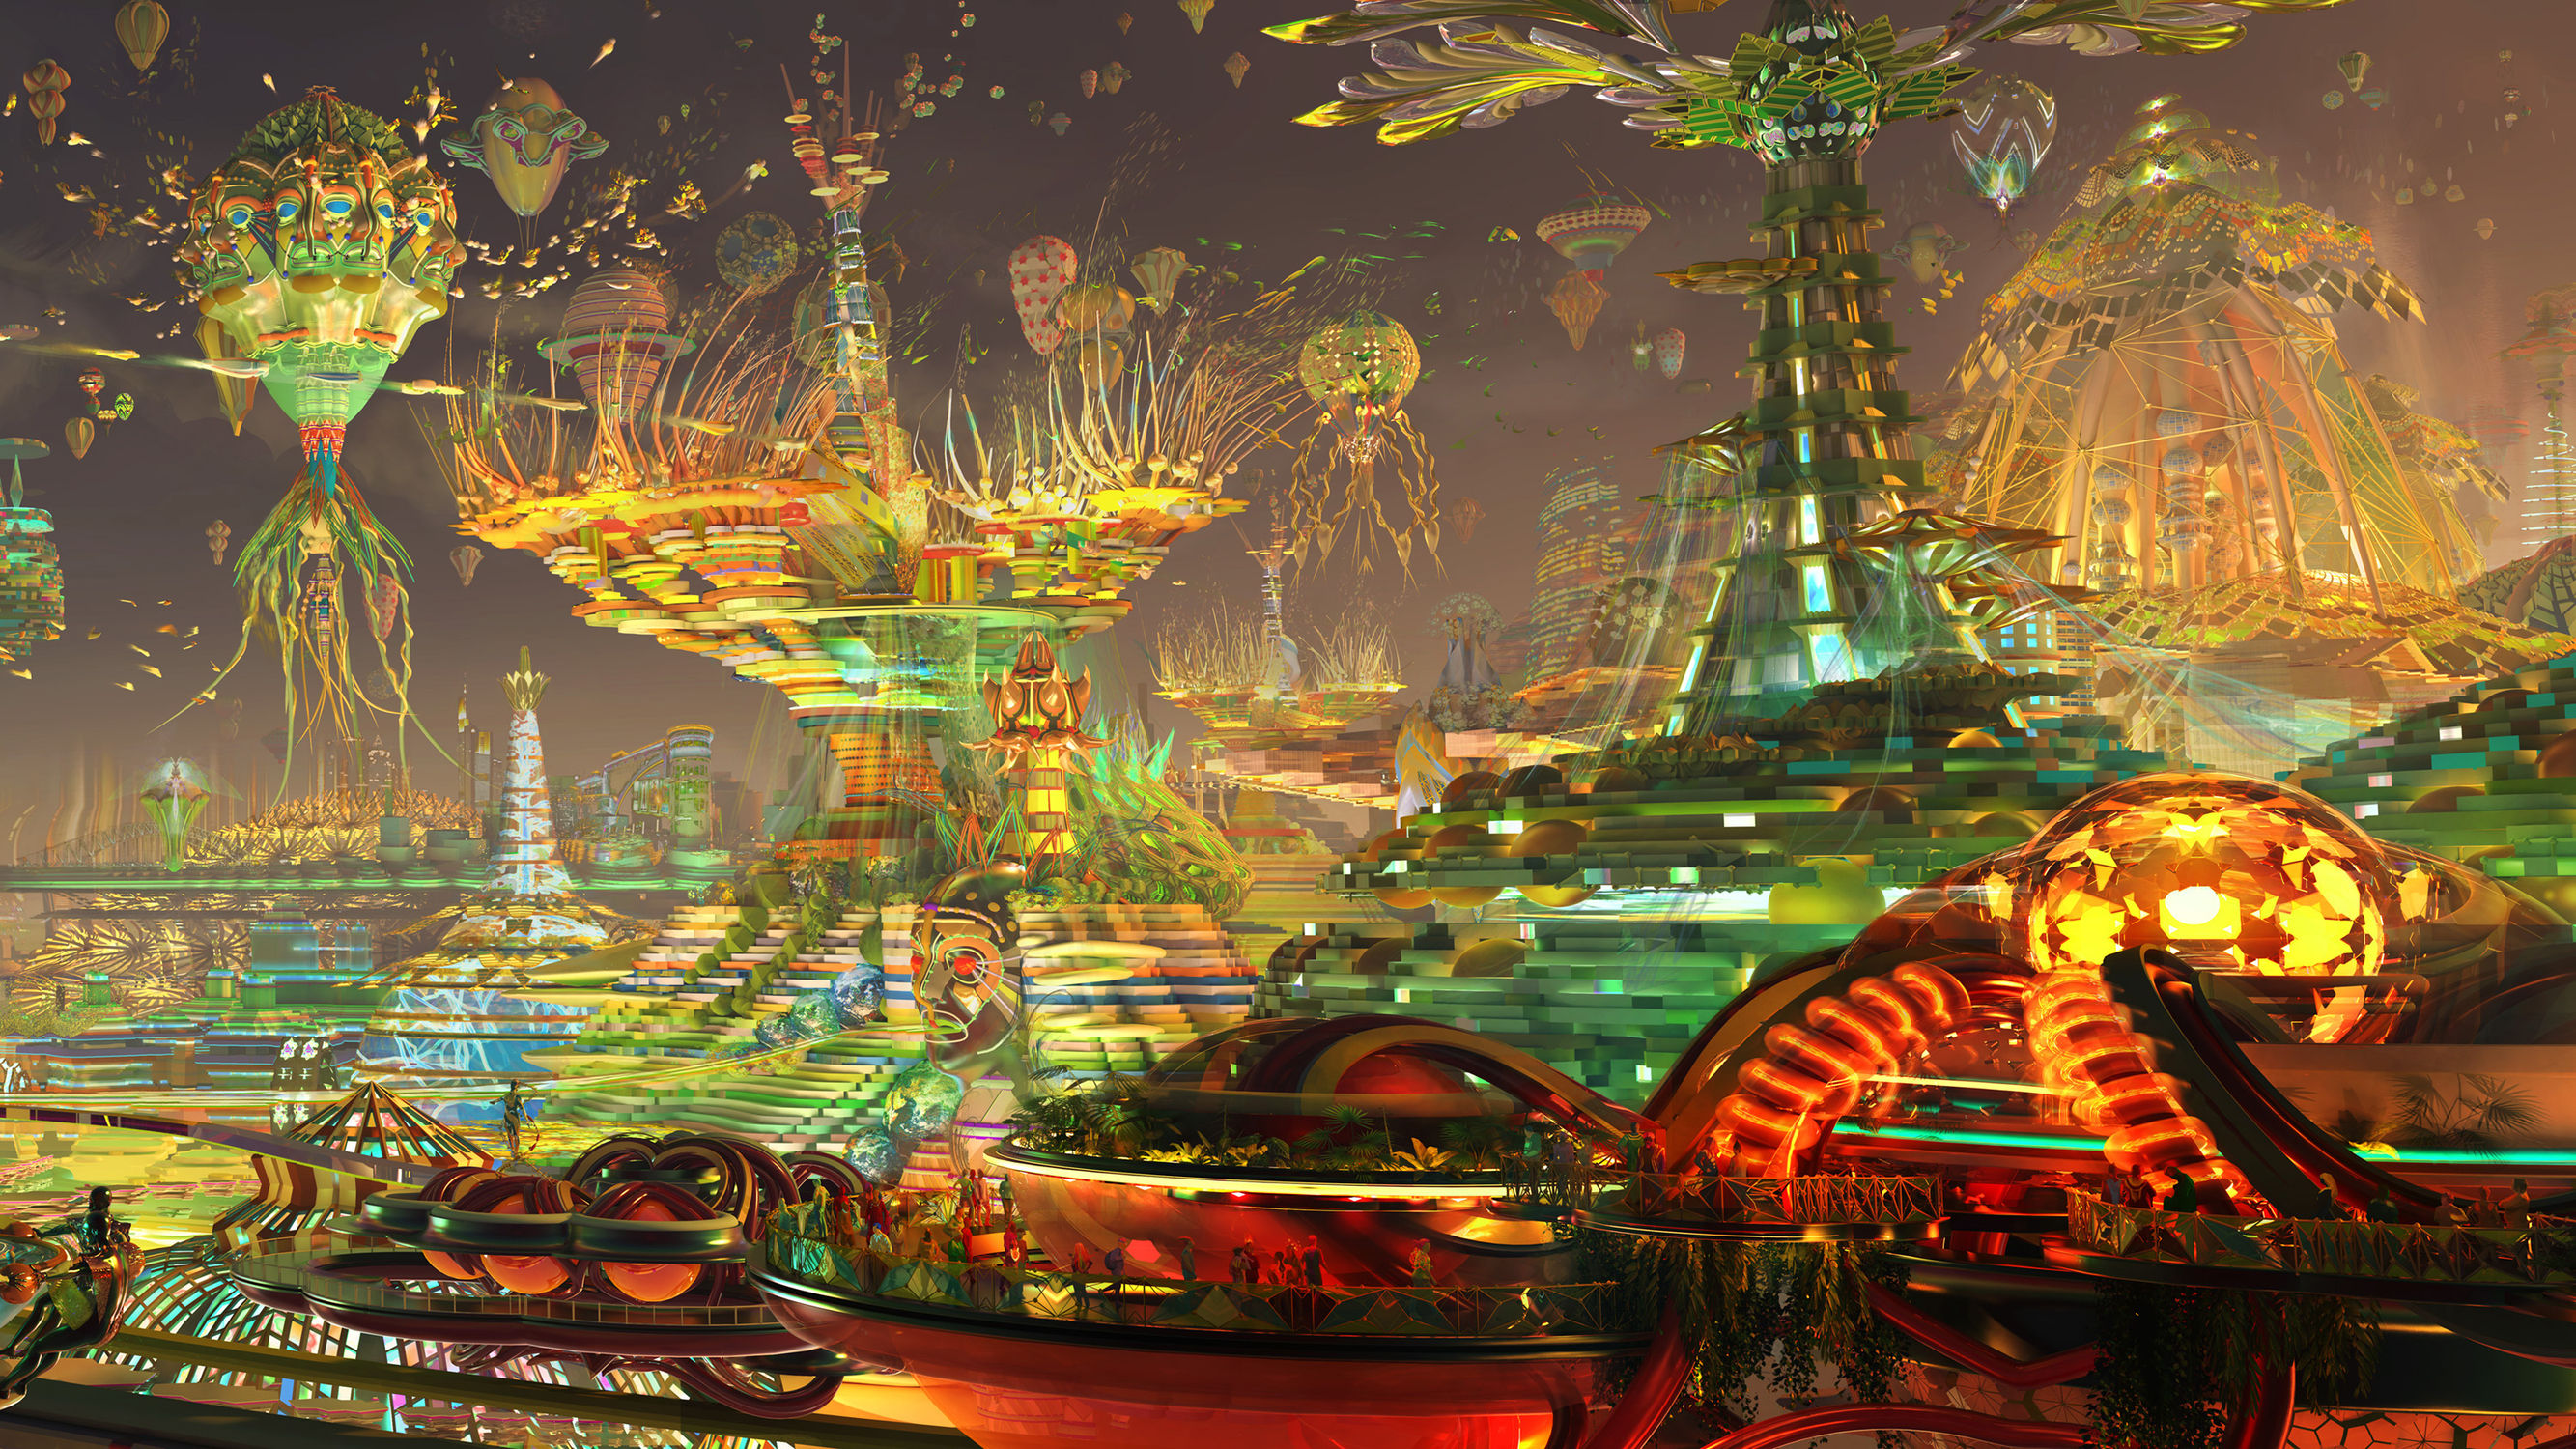 Metroplayitan Expanse 2 Artwork by Kirsten Zirngibl